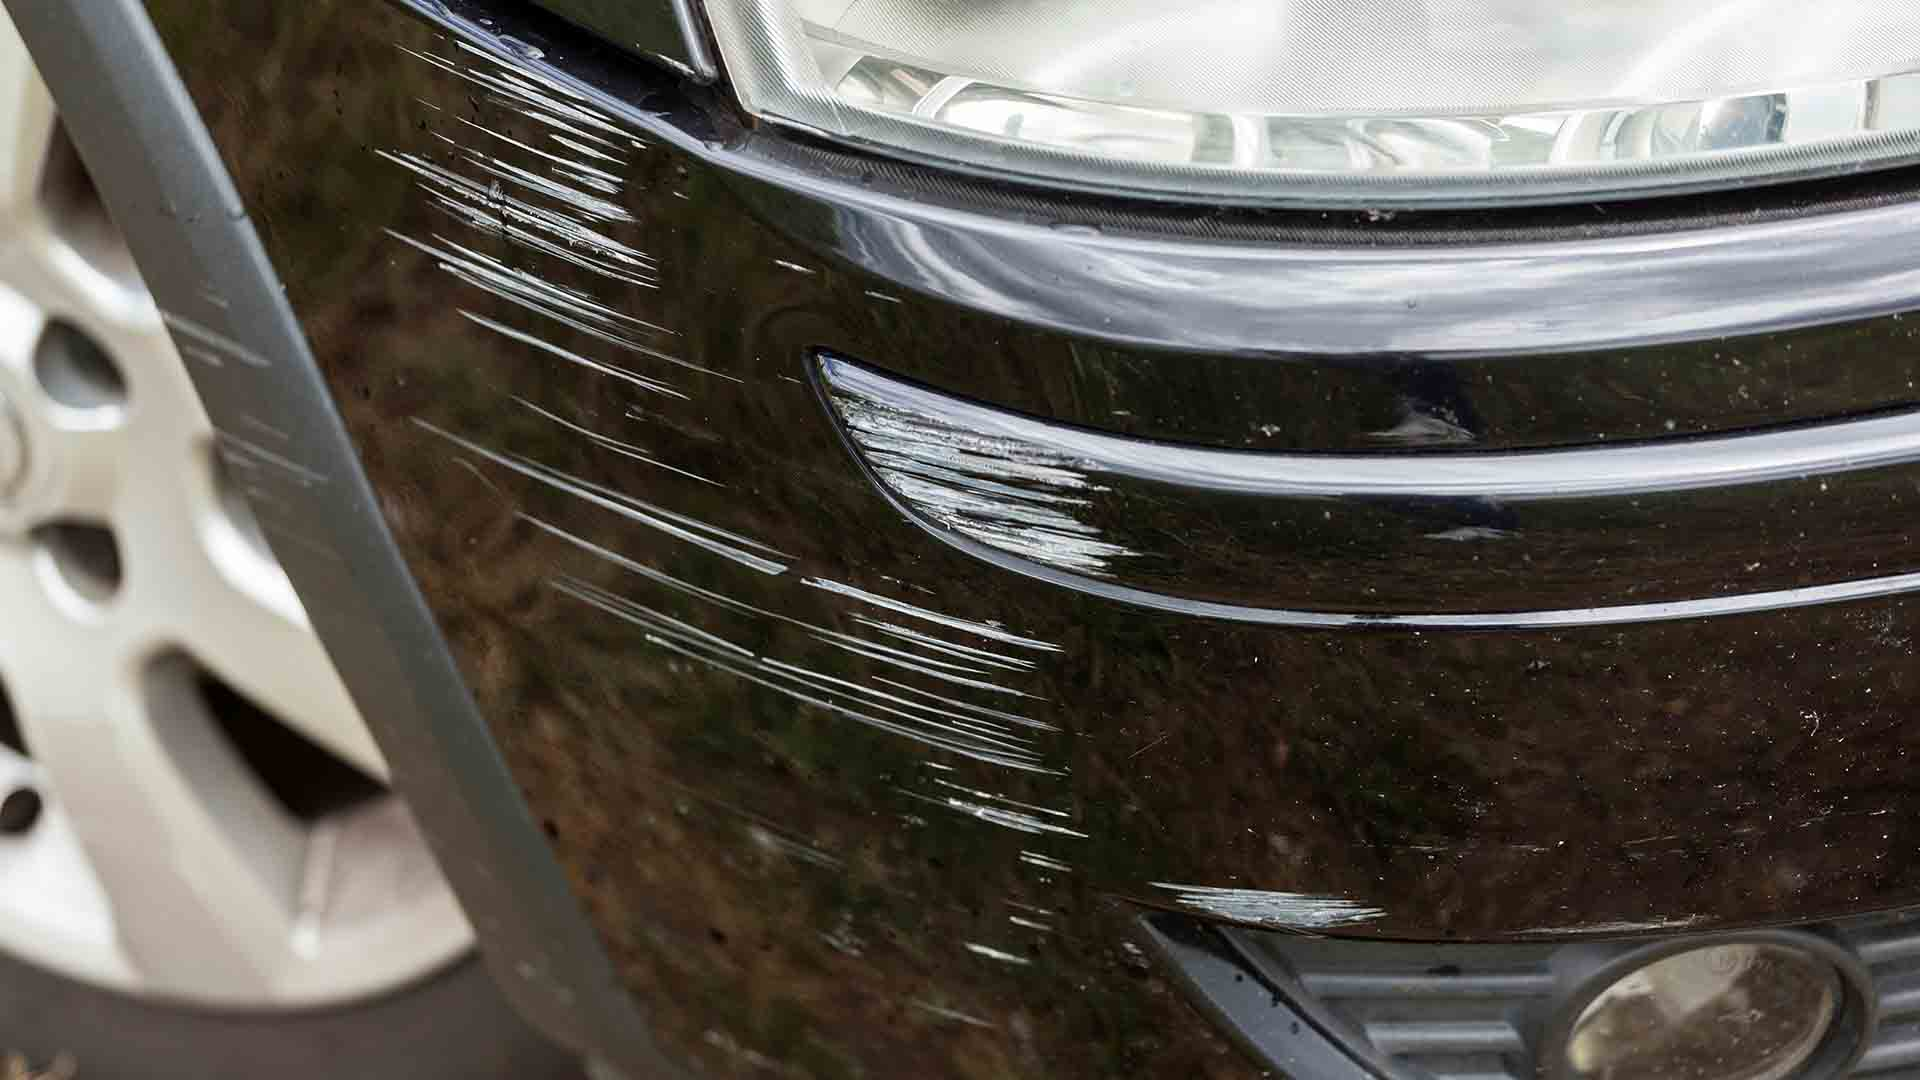 Scratches on car bumper